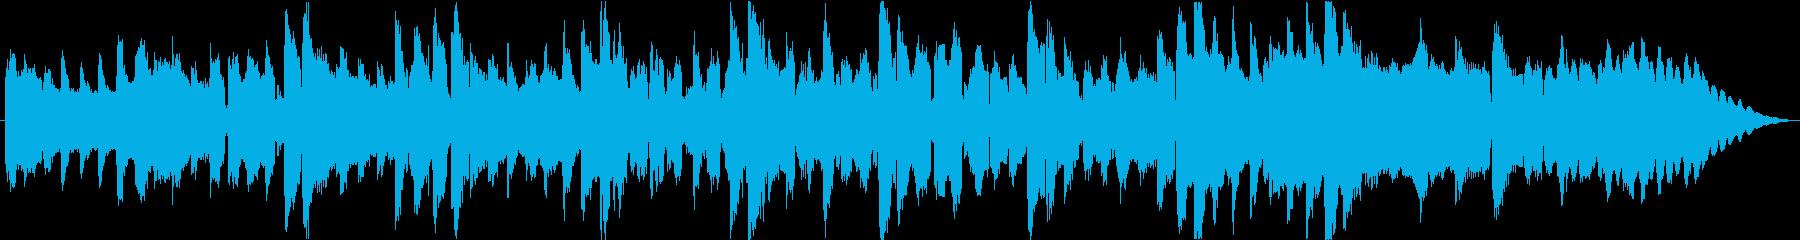 フルートの短いメロディーのためのピ...の再生済みの波形